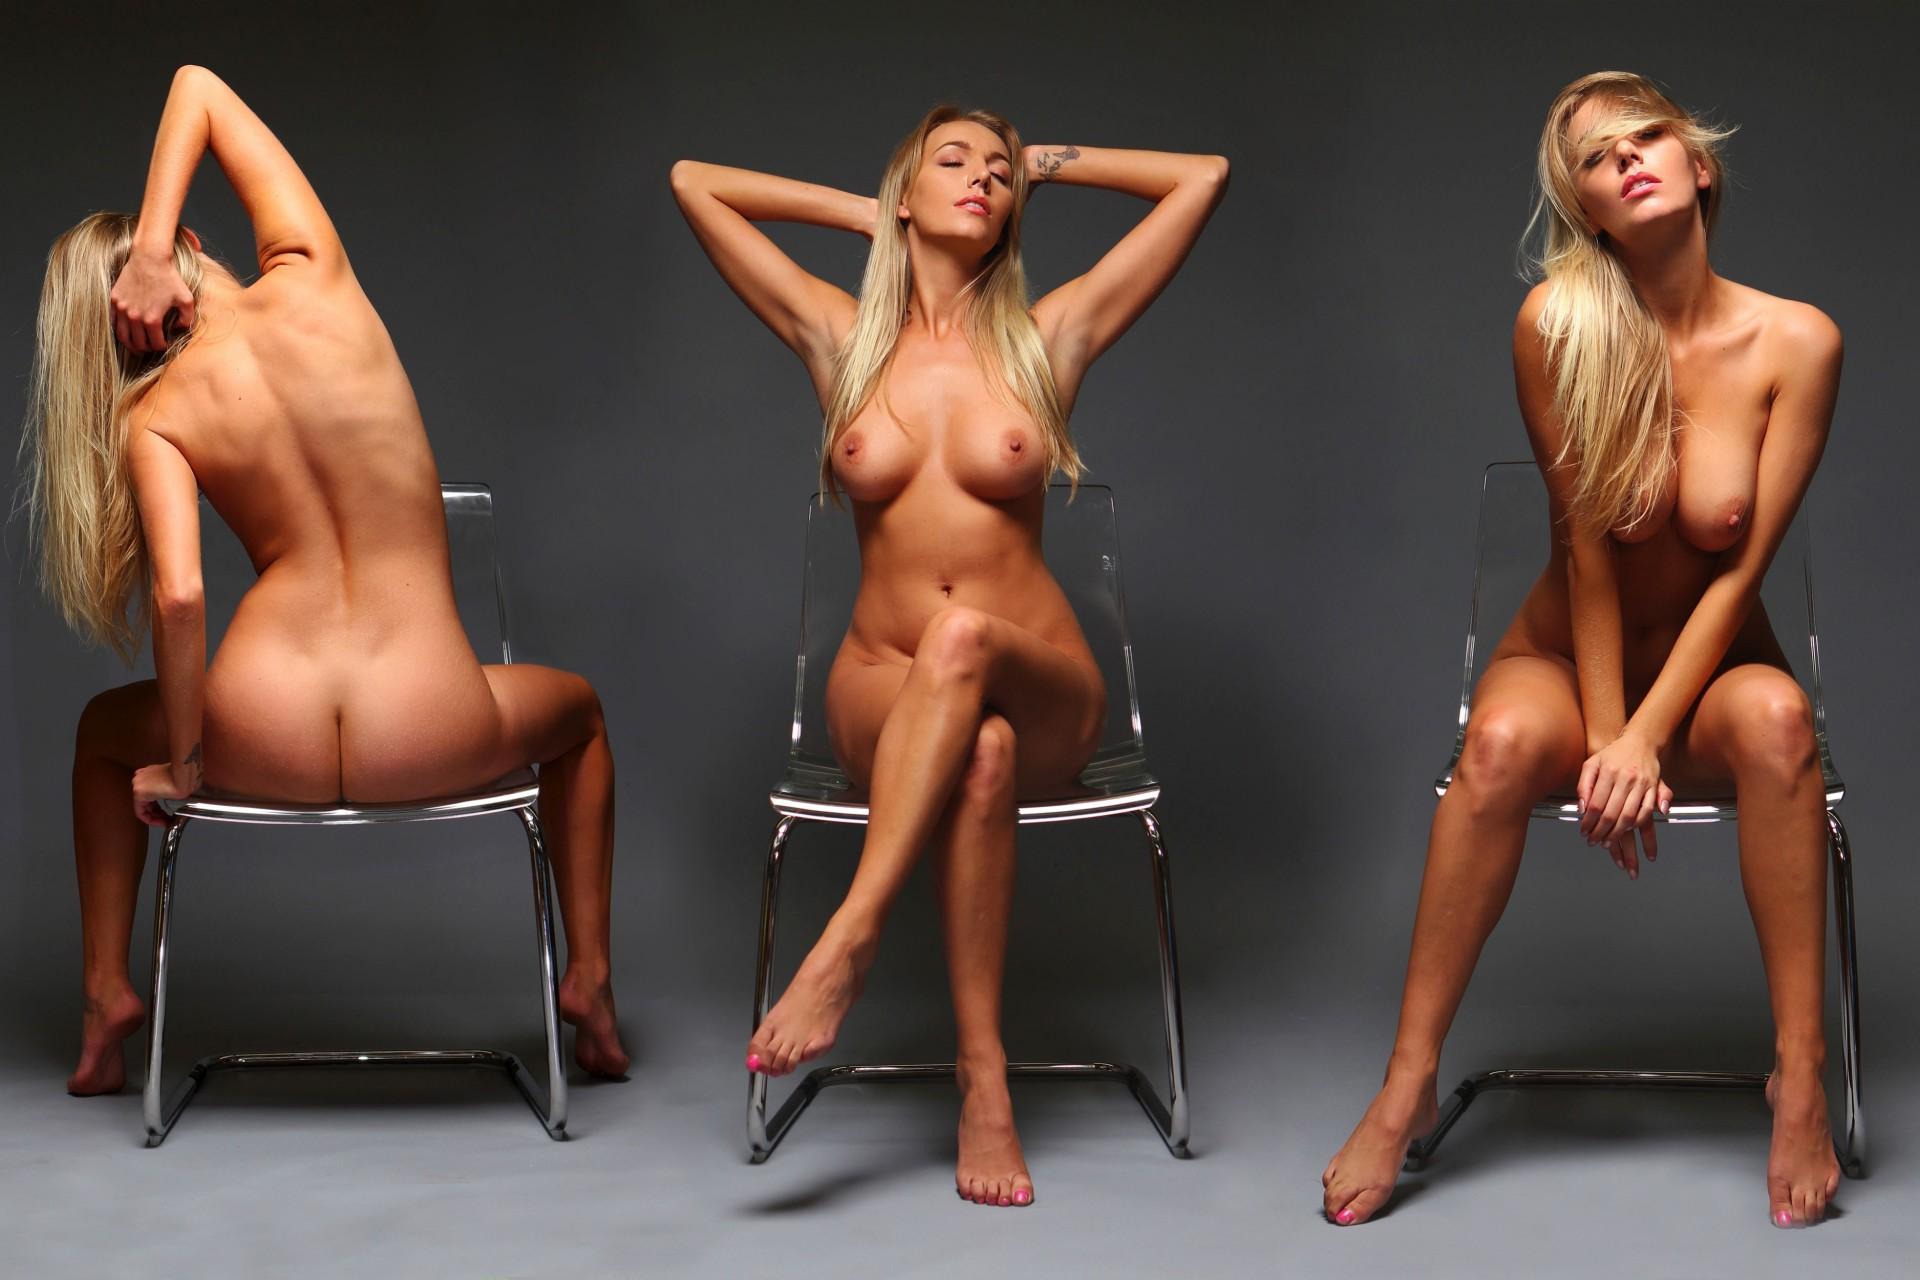 Видео голых знаменитостей со съемок, порно видео лесбиянки дрочка